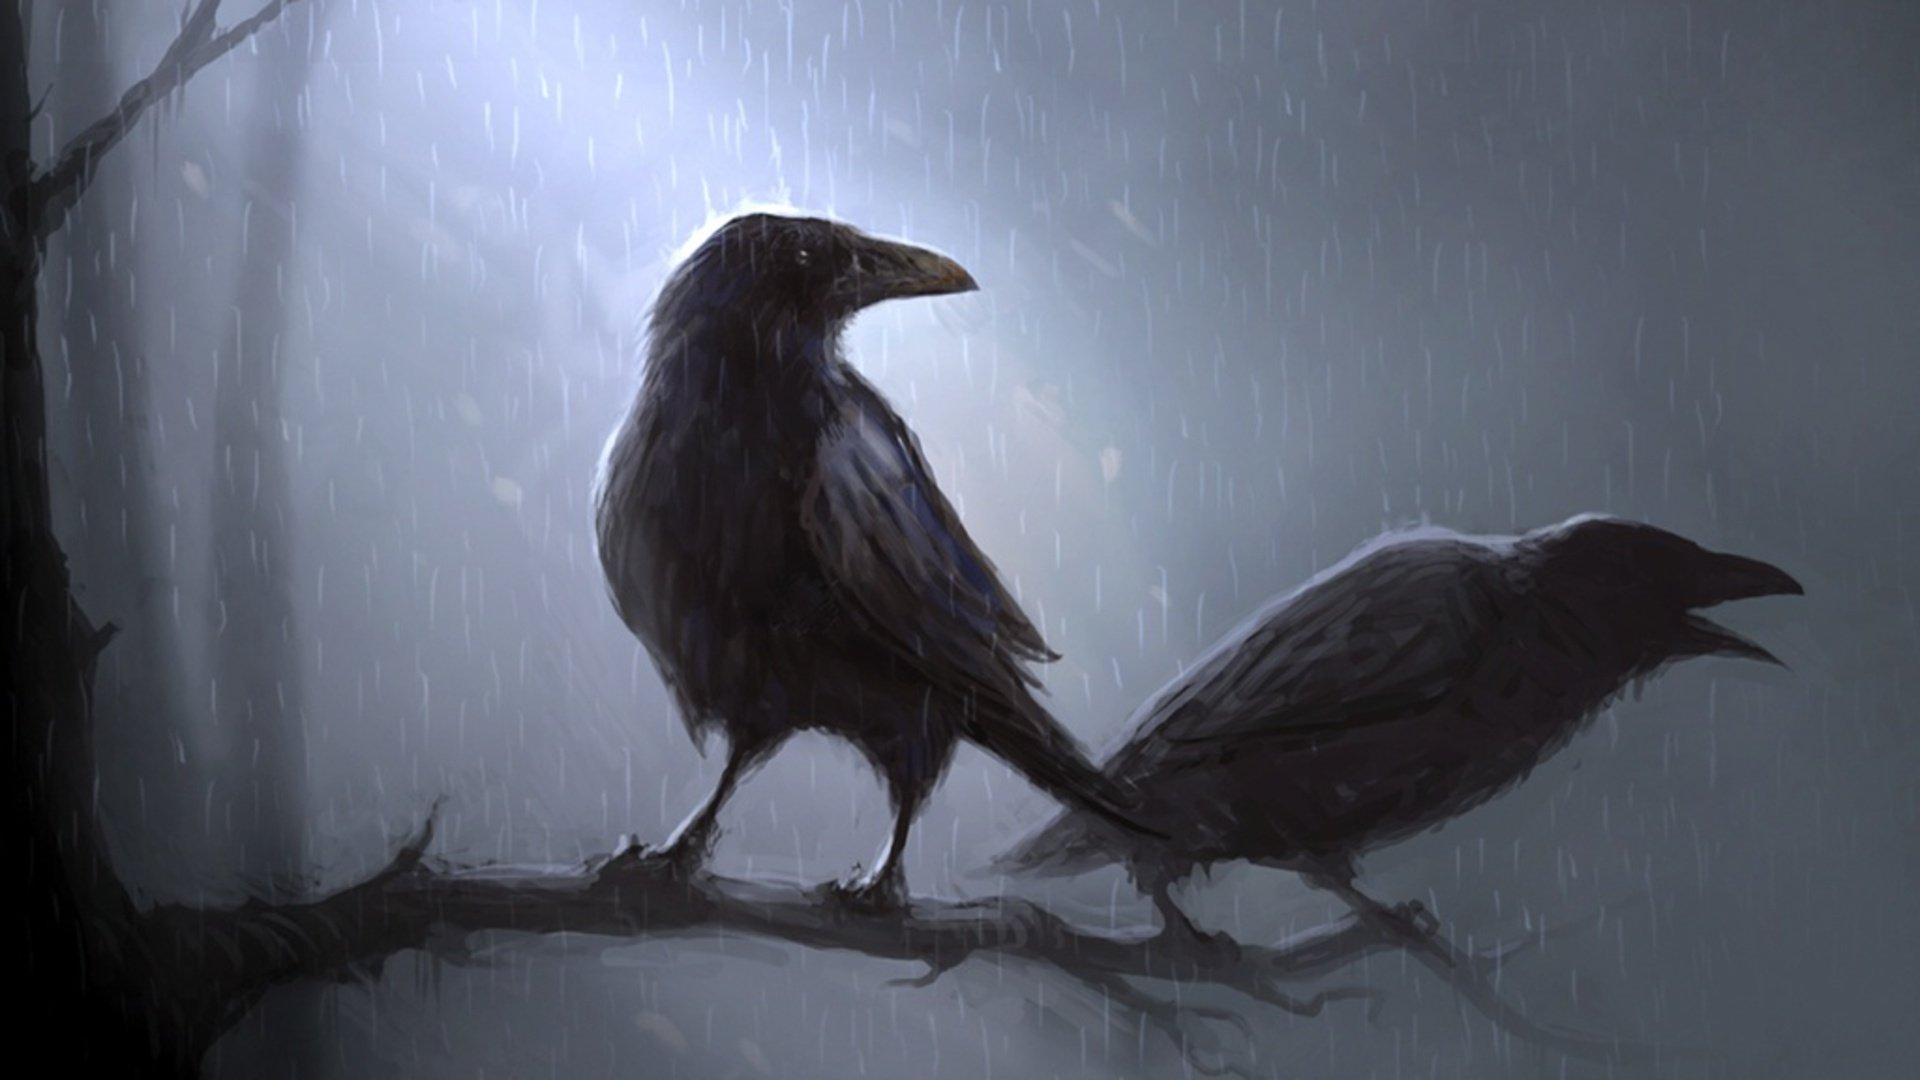 动物 - 乌鸦  渡鸦 动物 鸟 壁纸